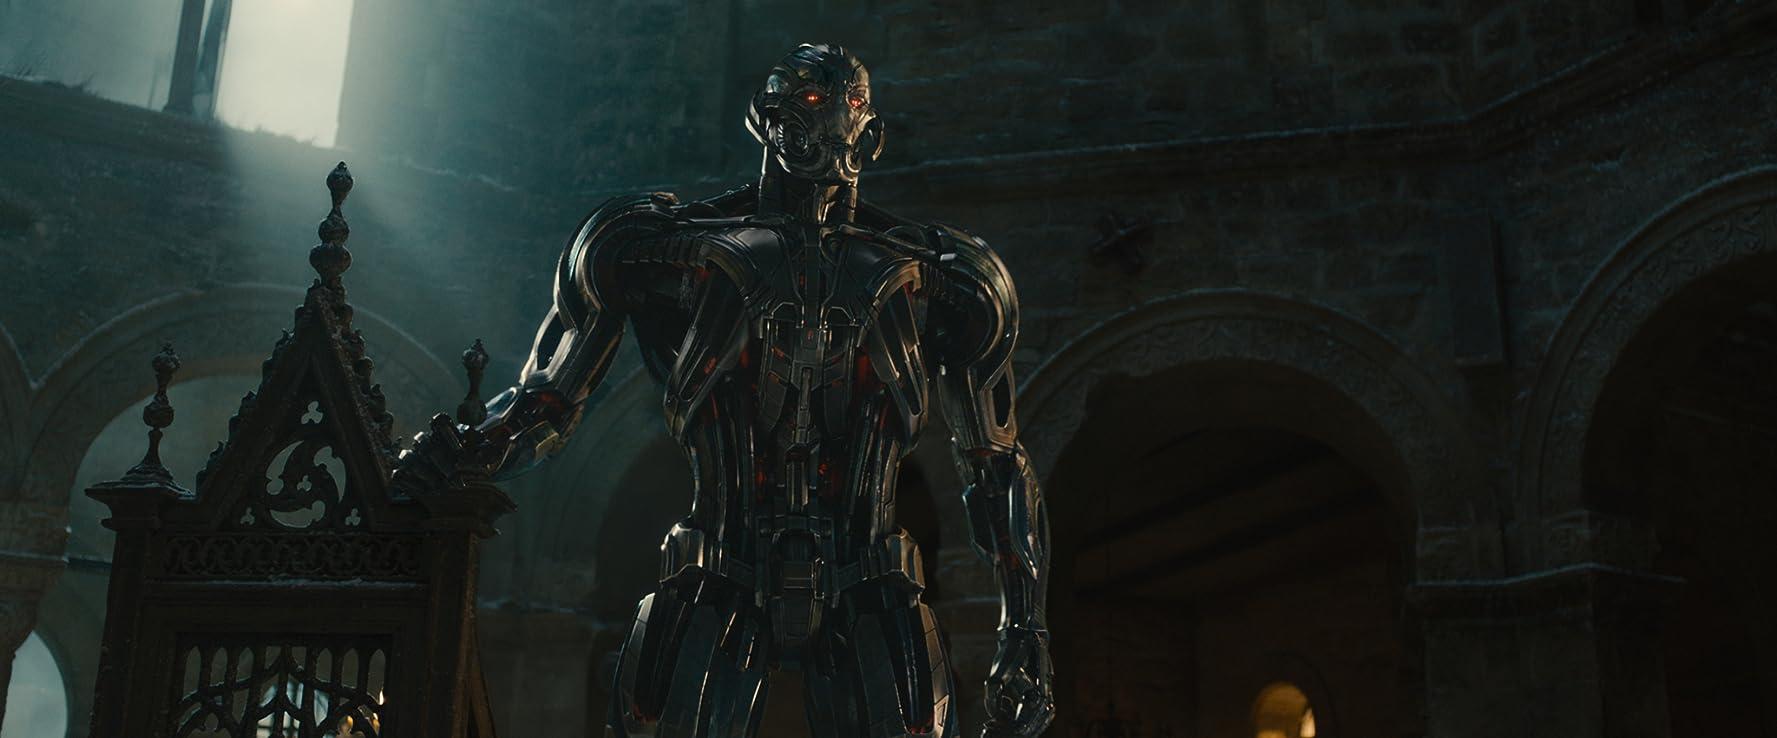 Avengers: Age of Ultron (2015) / IMDB.com